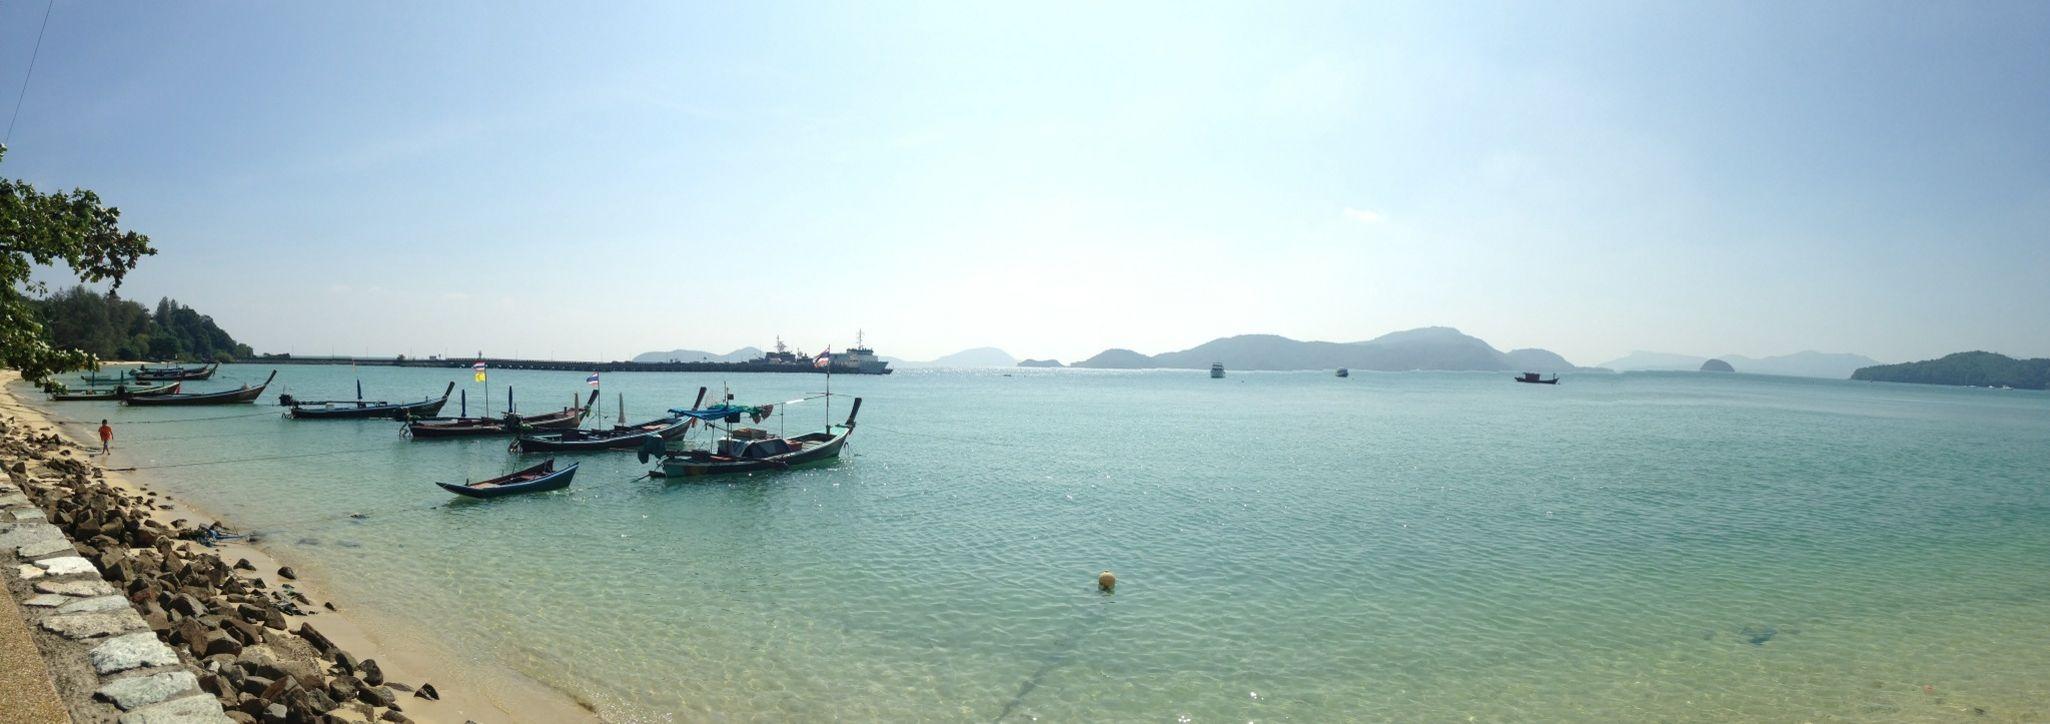 Feel Relax! Panorama Phuket Thailand